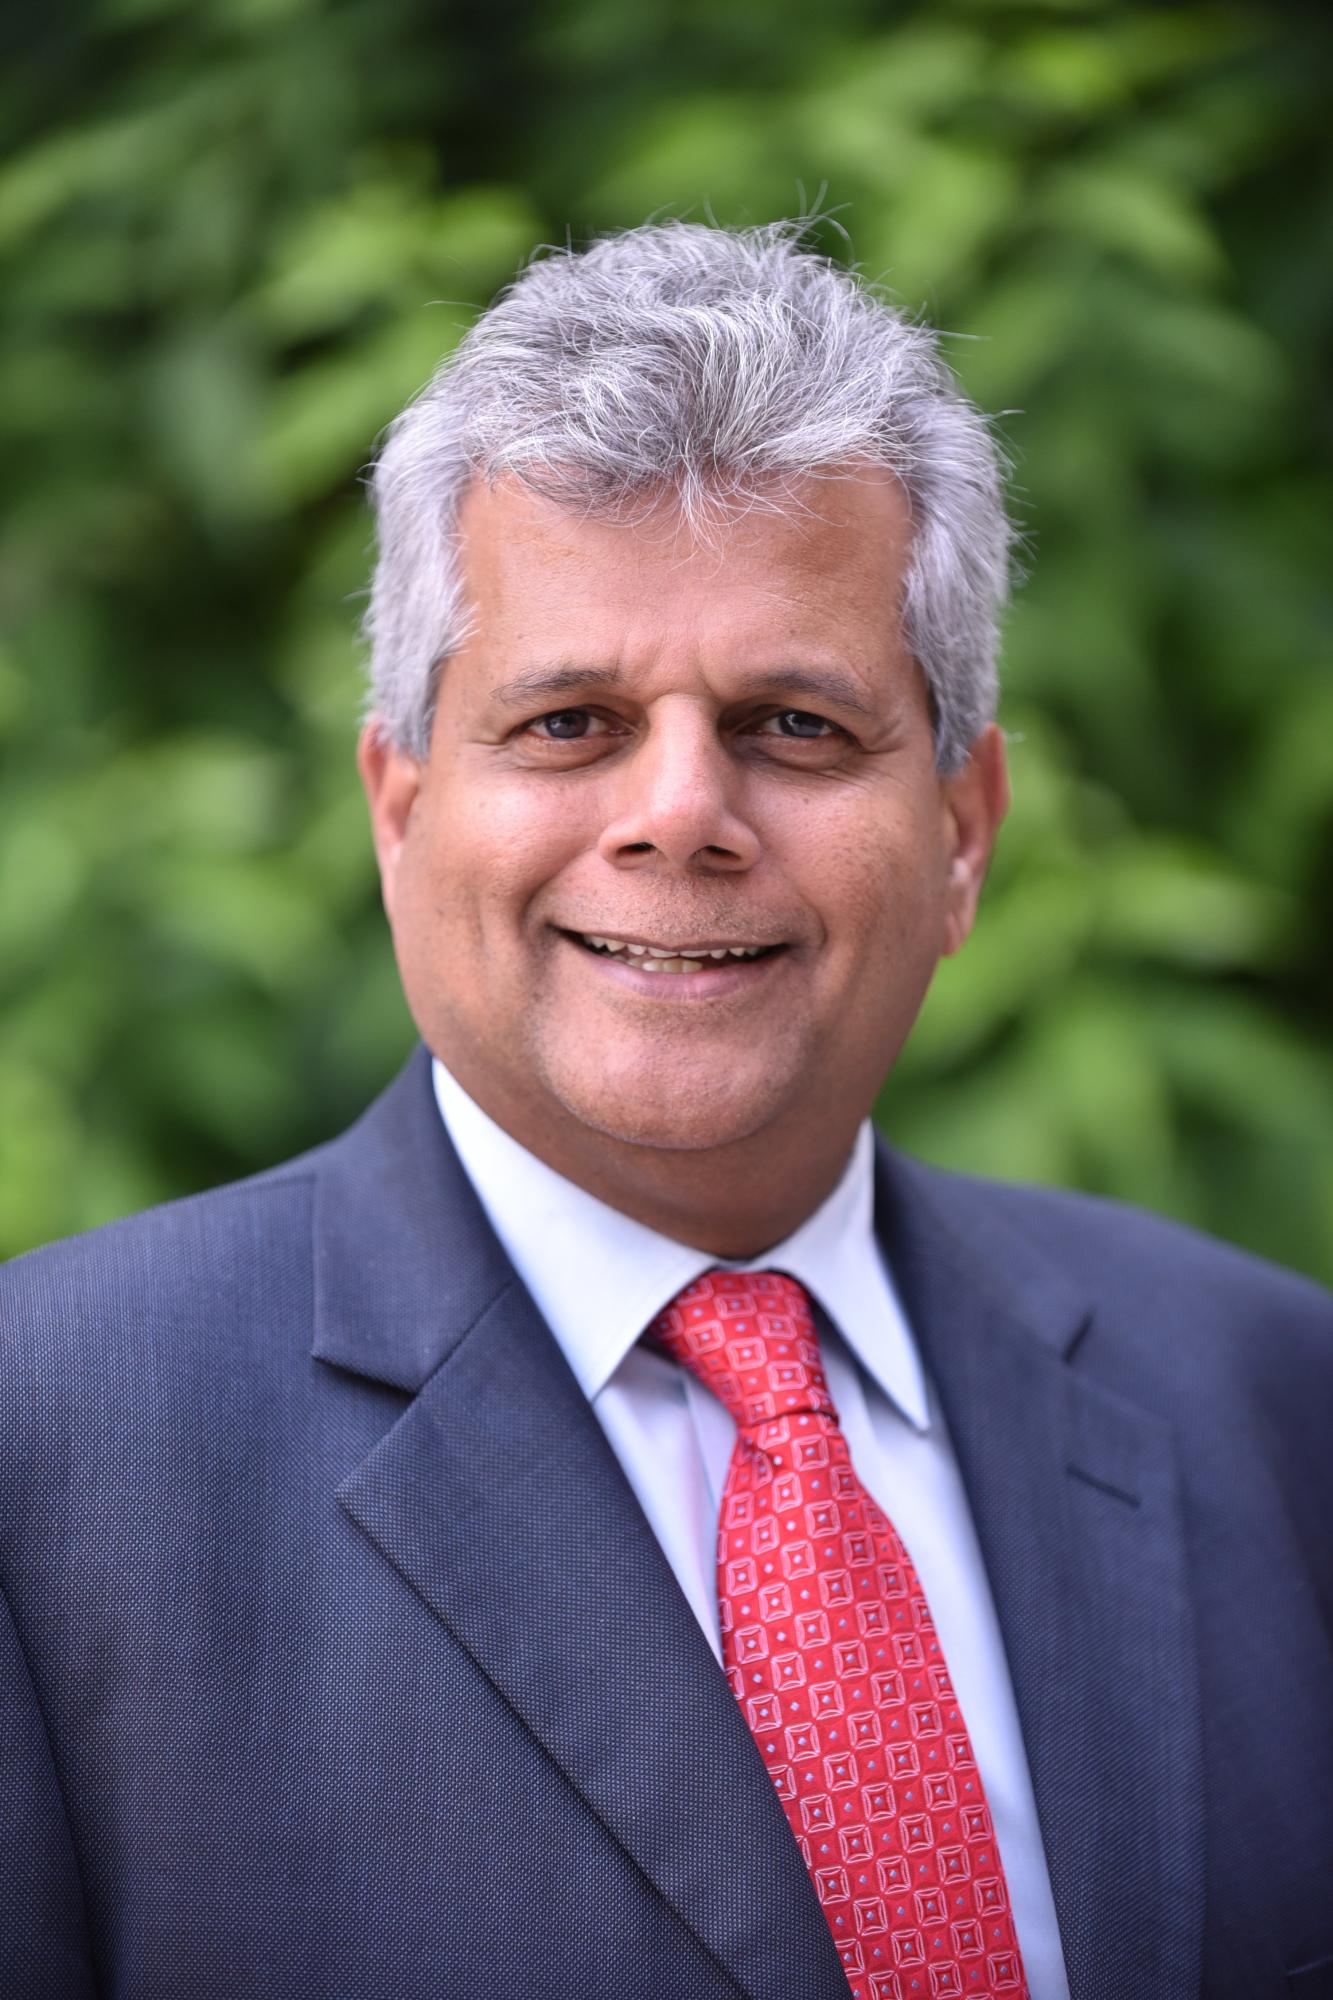 Vijay Poonoosamy, Singapore